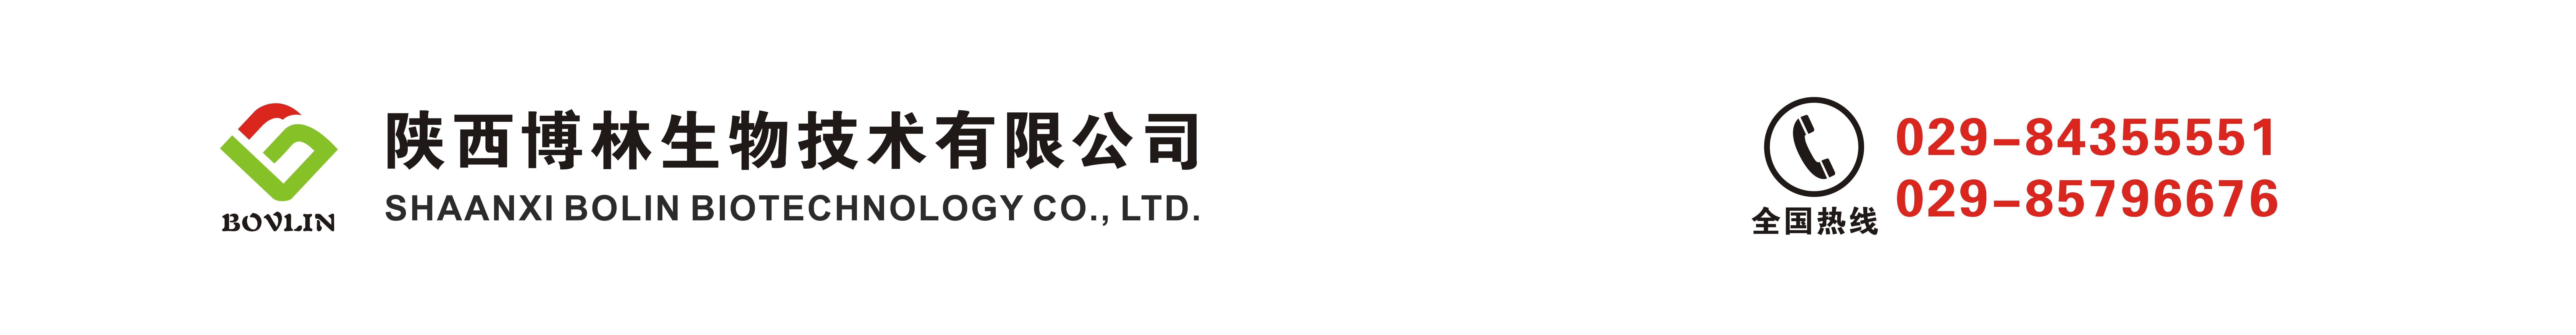 陕西博林生物技术有限公司_Logo